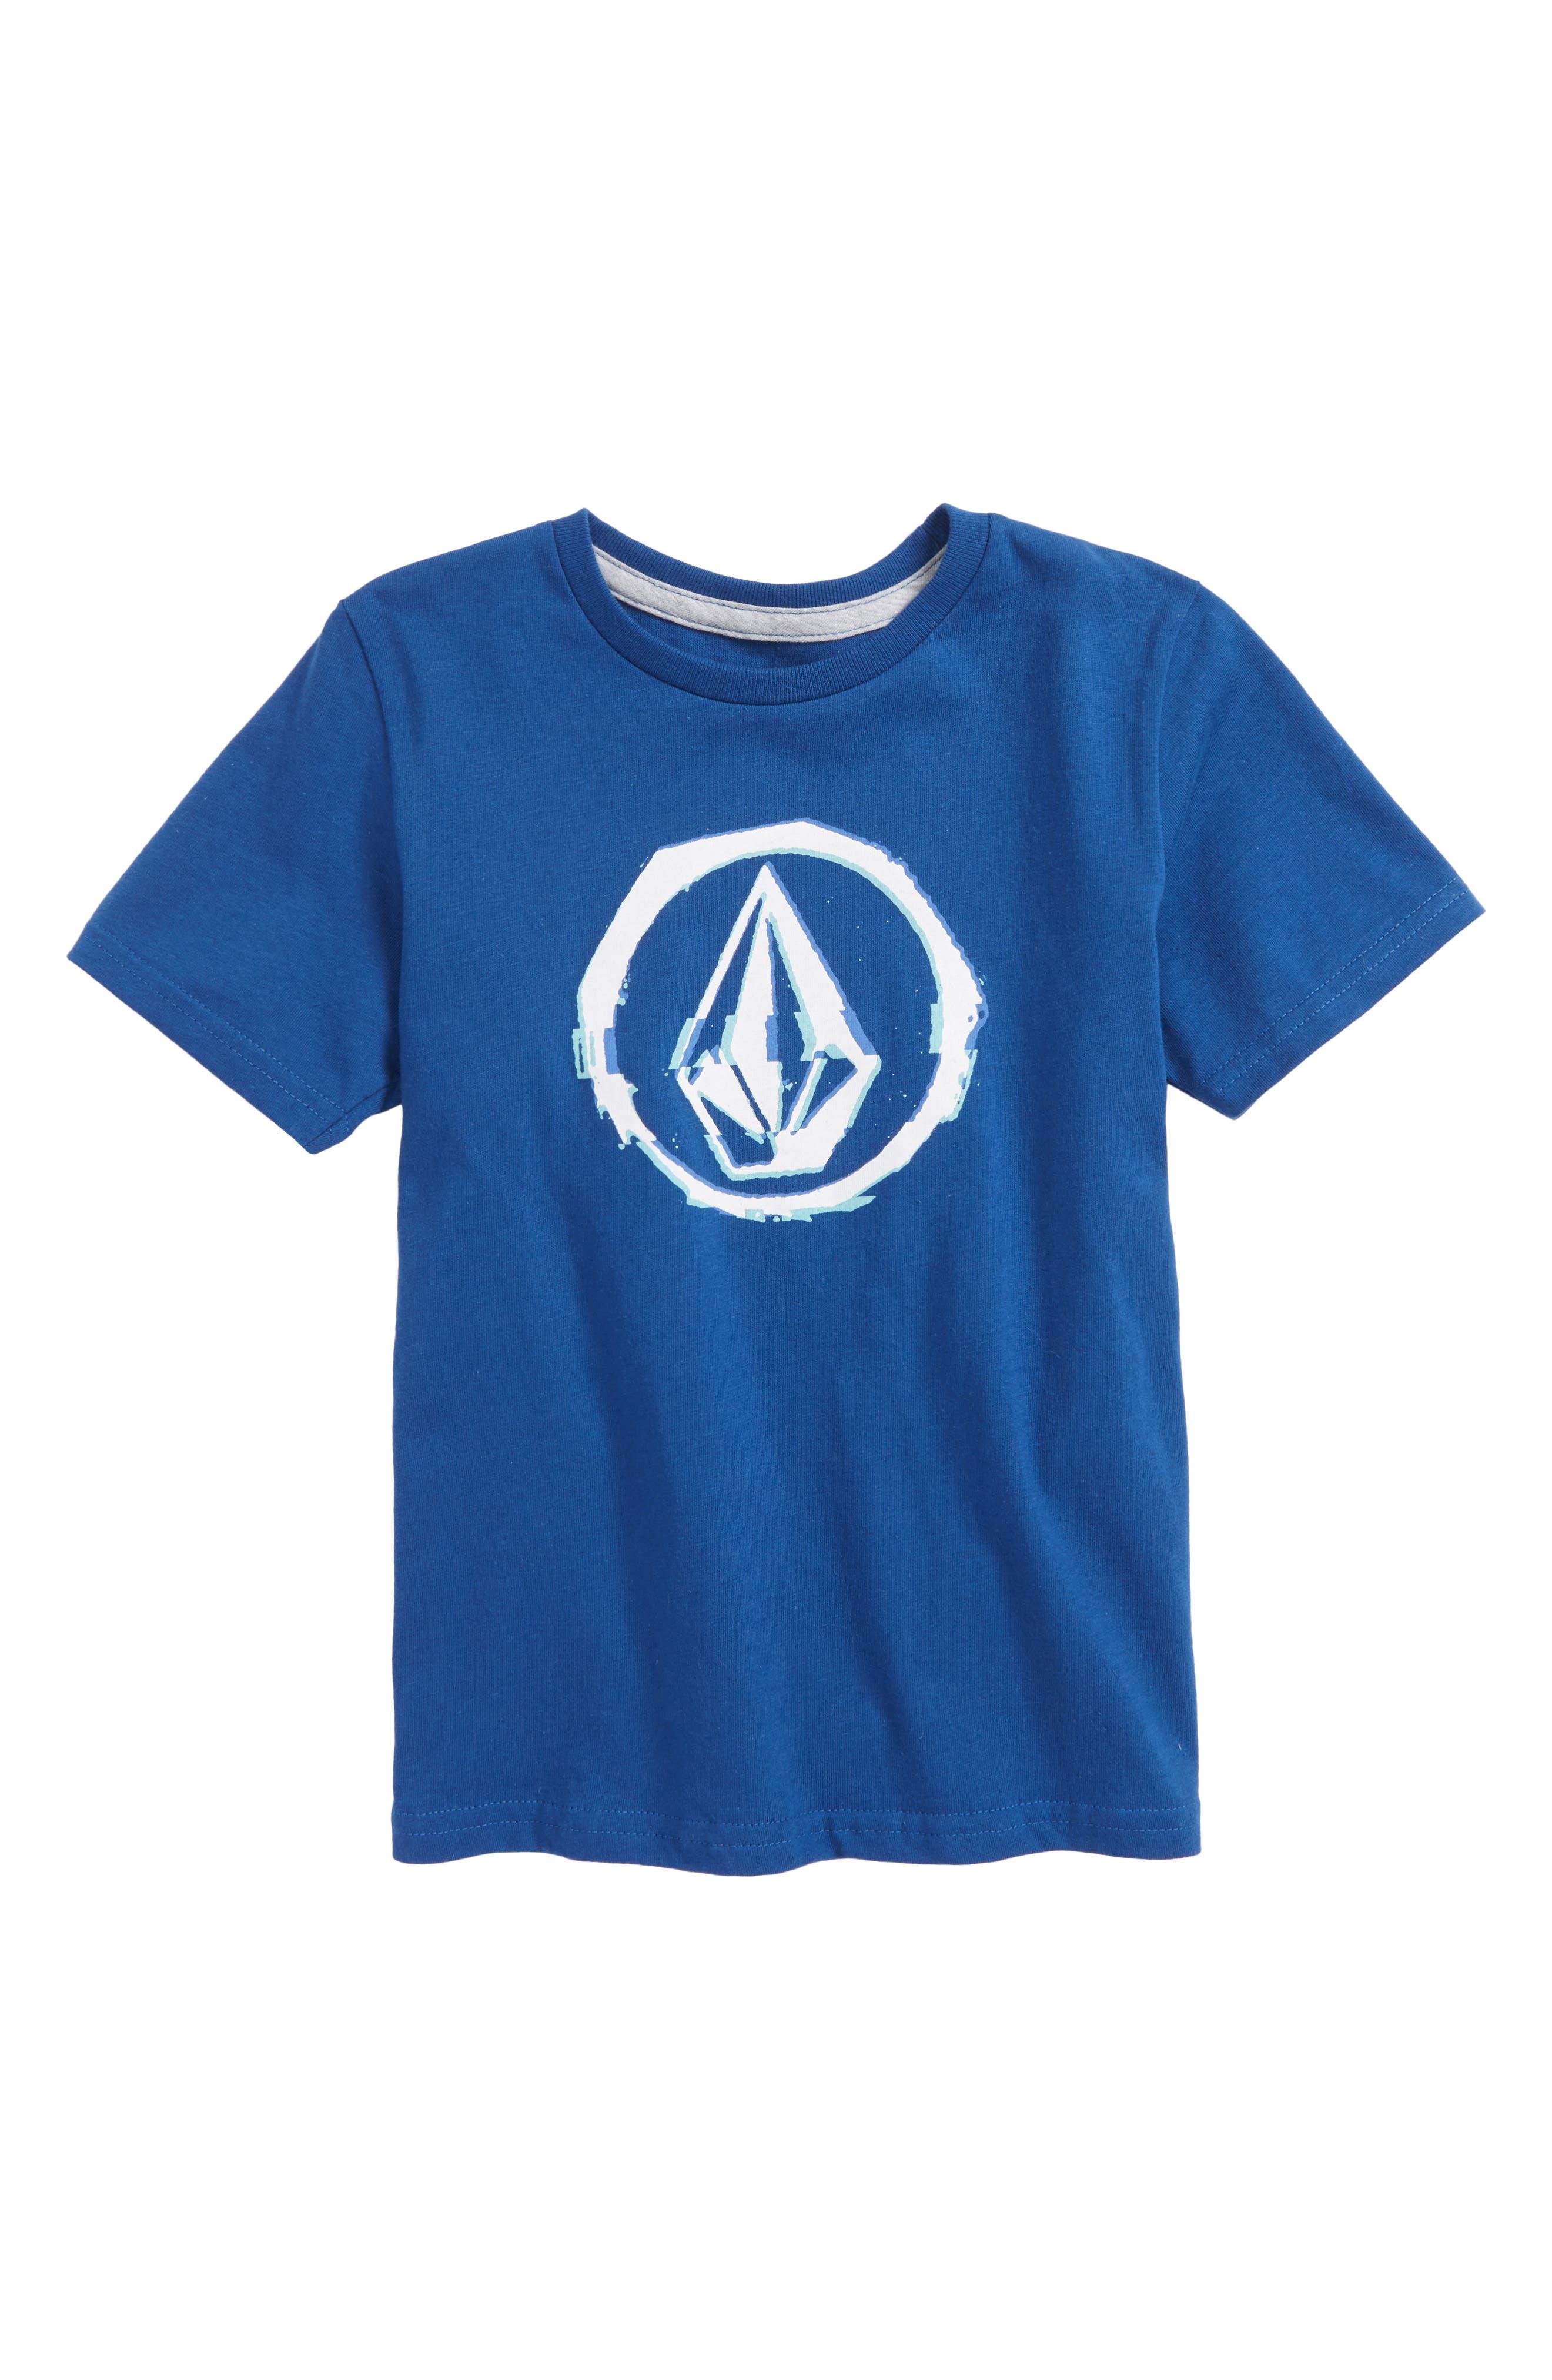 Glitchy Graphic T-Shirt,                             Main thumbnail 1, color,